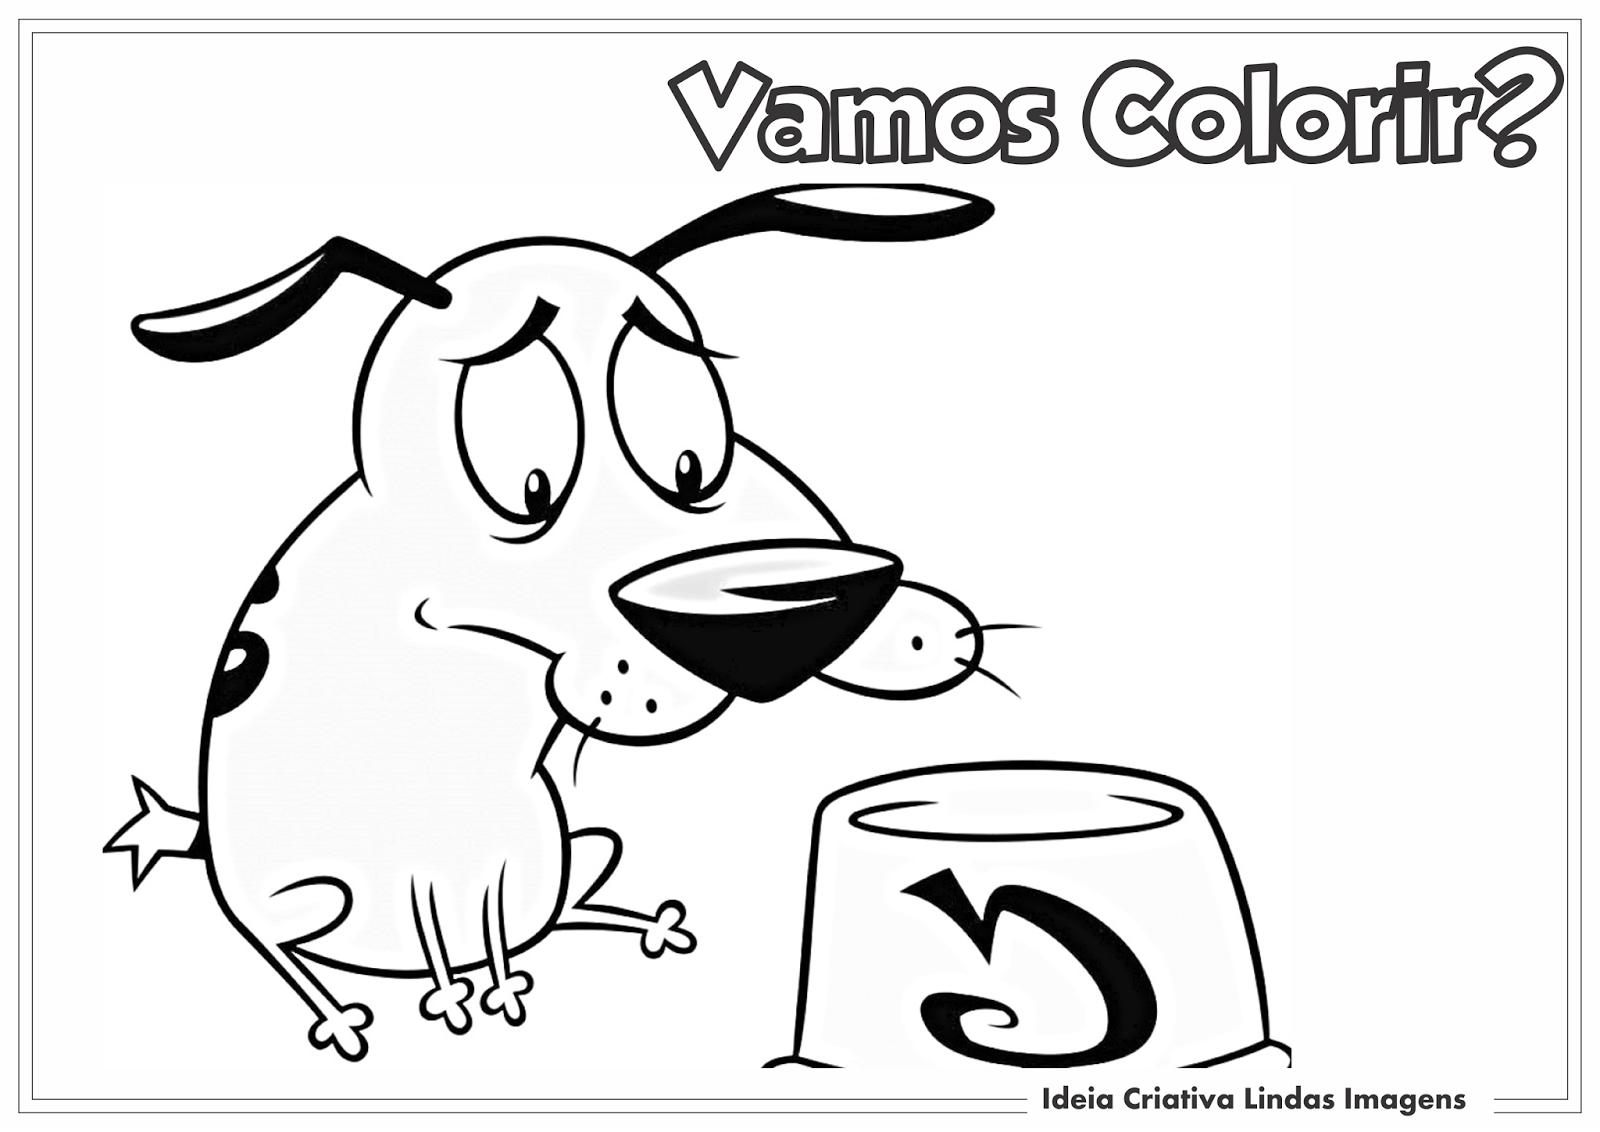 Coragem, o cão covarde desenho pra colorir